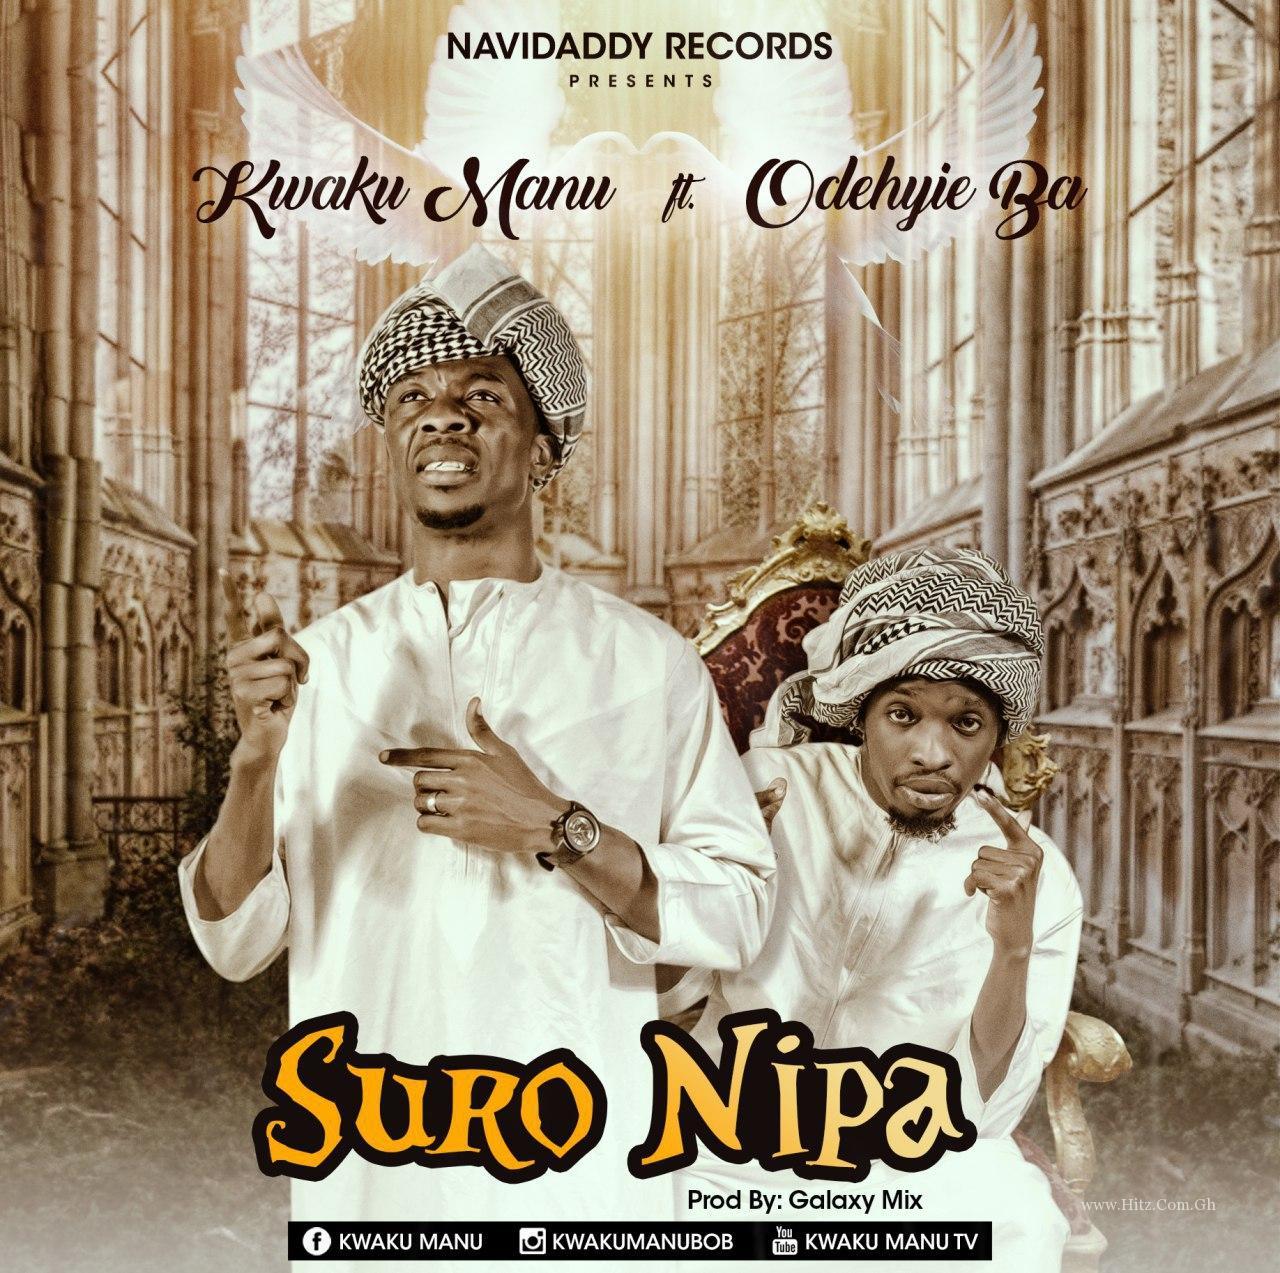 Kwaku Manu x Odehyie Ba - Suro Nipa (Prod By Galzxy Mix)